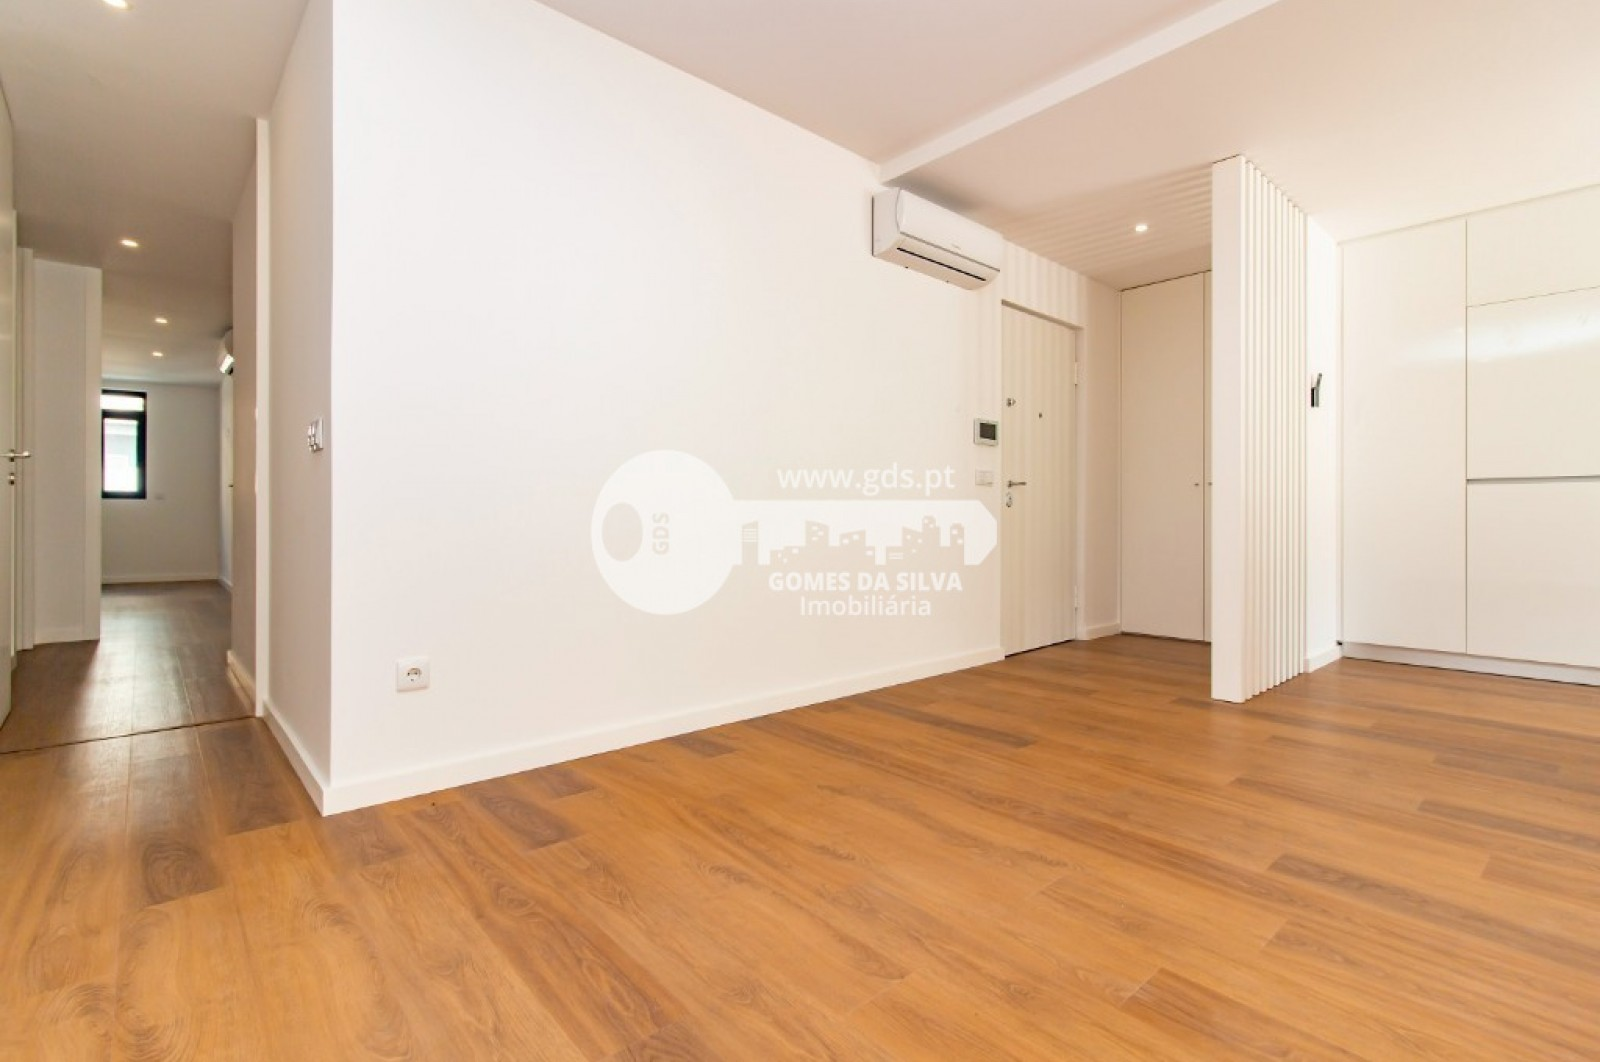 Apartamento T3 para Venda em São Vicente, Braga, Braga - Imagem 48